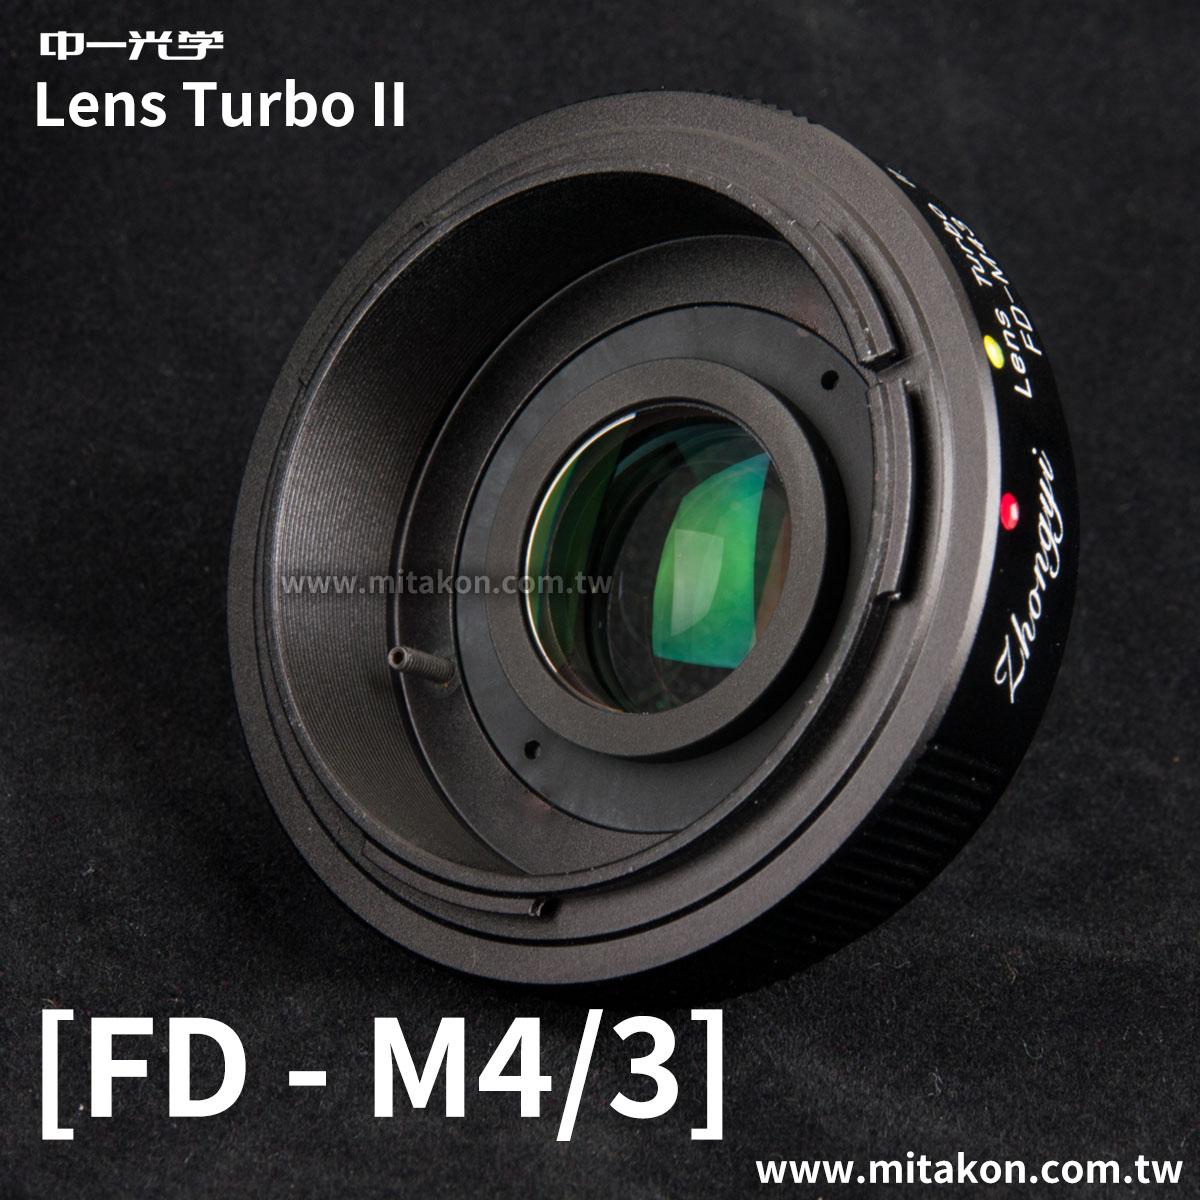 [享樂攝影] 中一光學Lens Turbo II 2代減焦環 Canon FD 鏡頭 轉 M4/3相機 Micro 4/3 M43 減焦增光環廣角 轉接環 PEN-F GM5 GF6 GH4 EM10 EM1